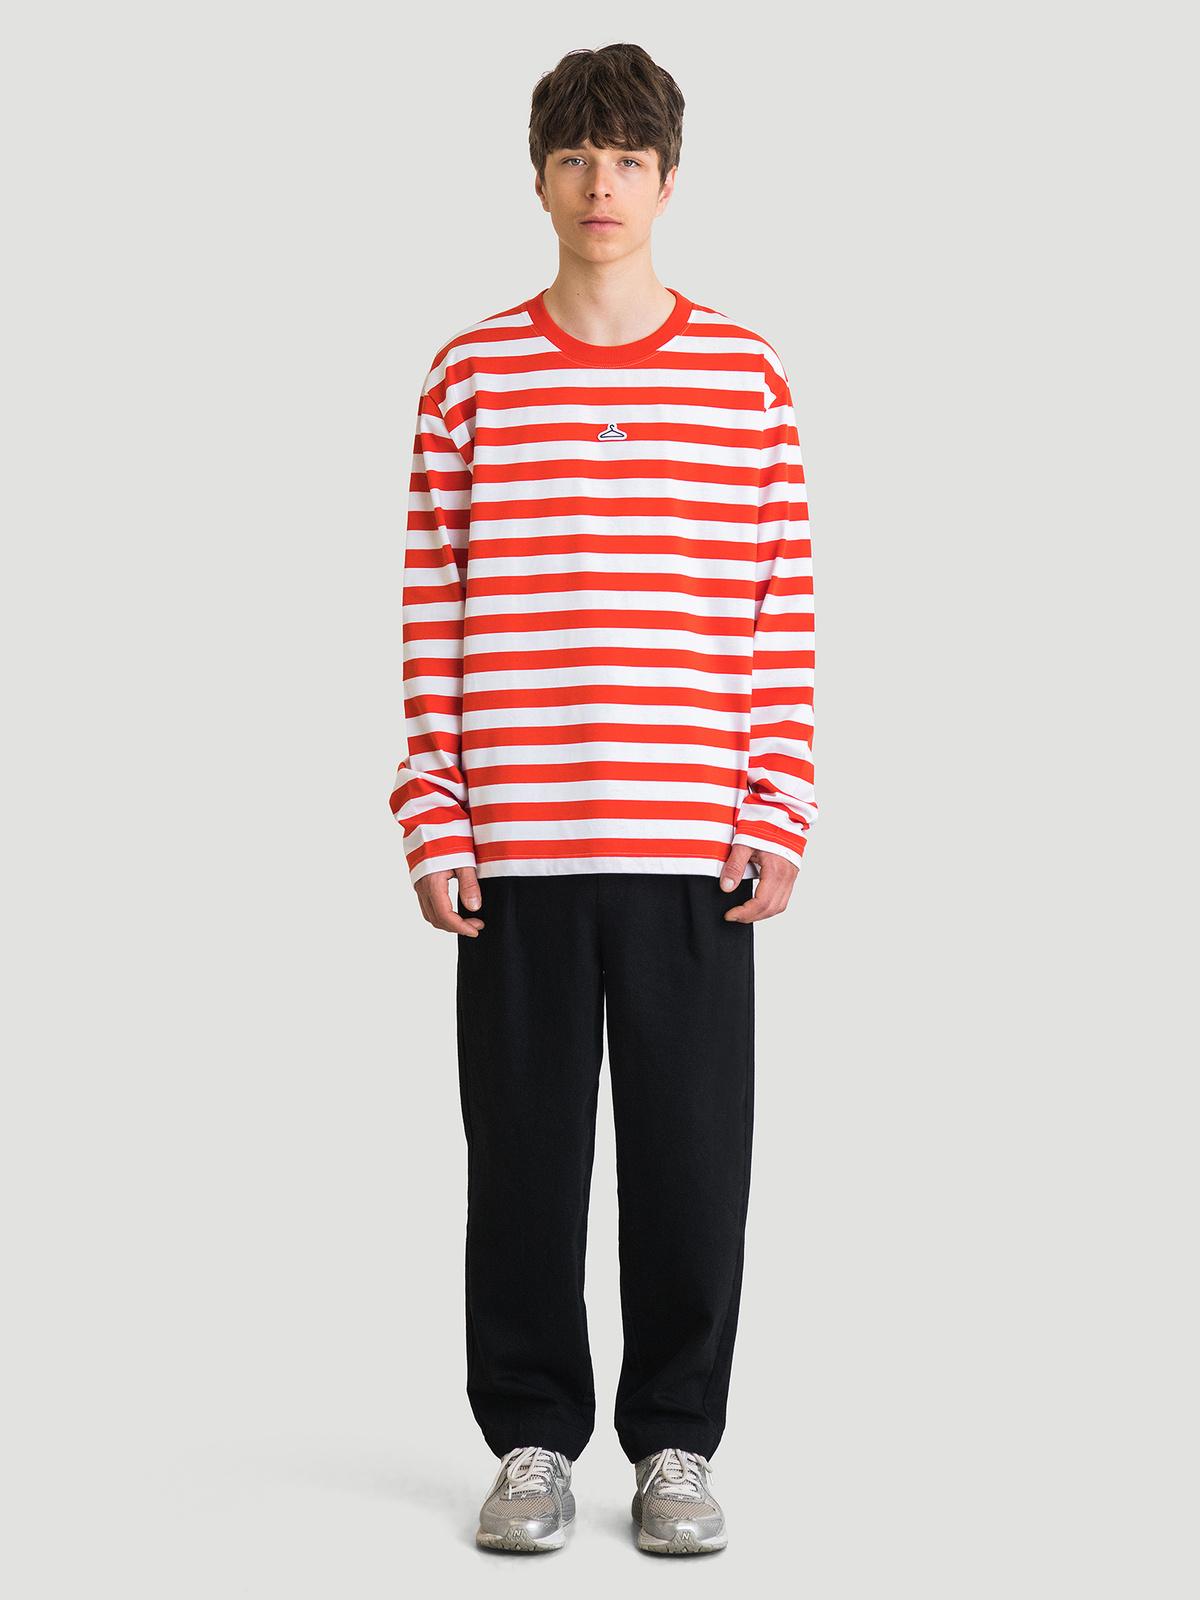 Hanger Striped Longsleeve Red White 9